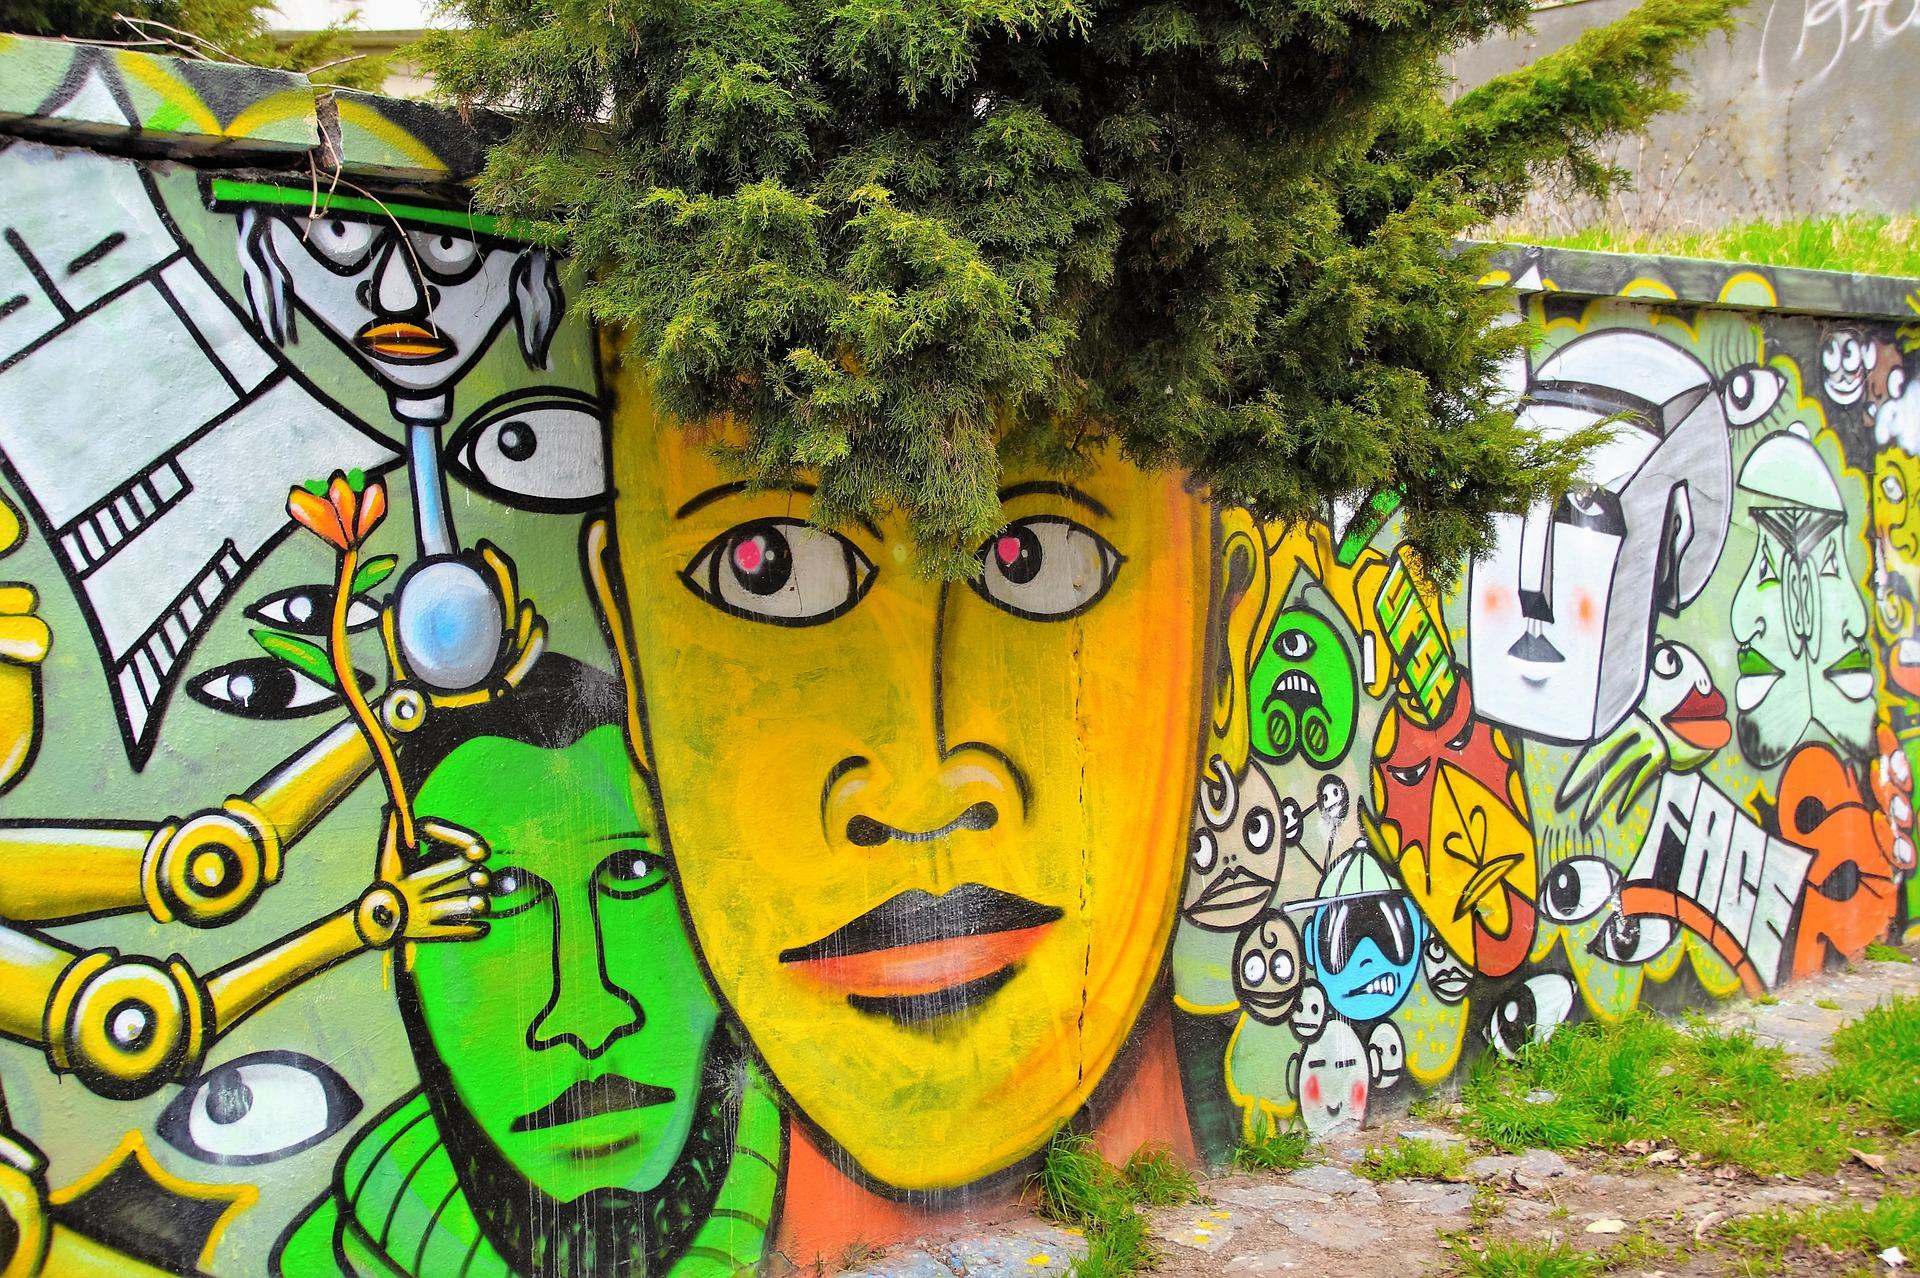 graffiti-1291772_1920